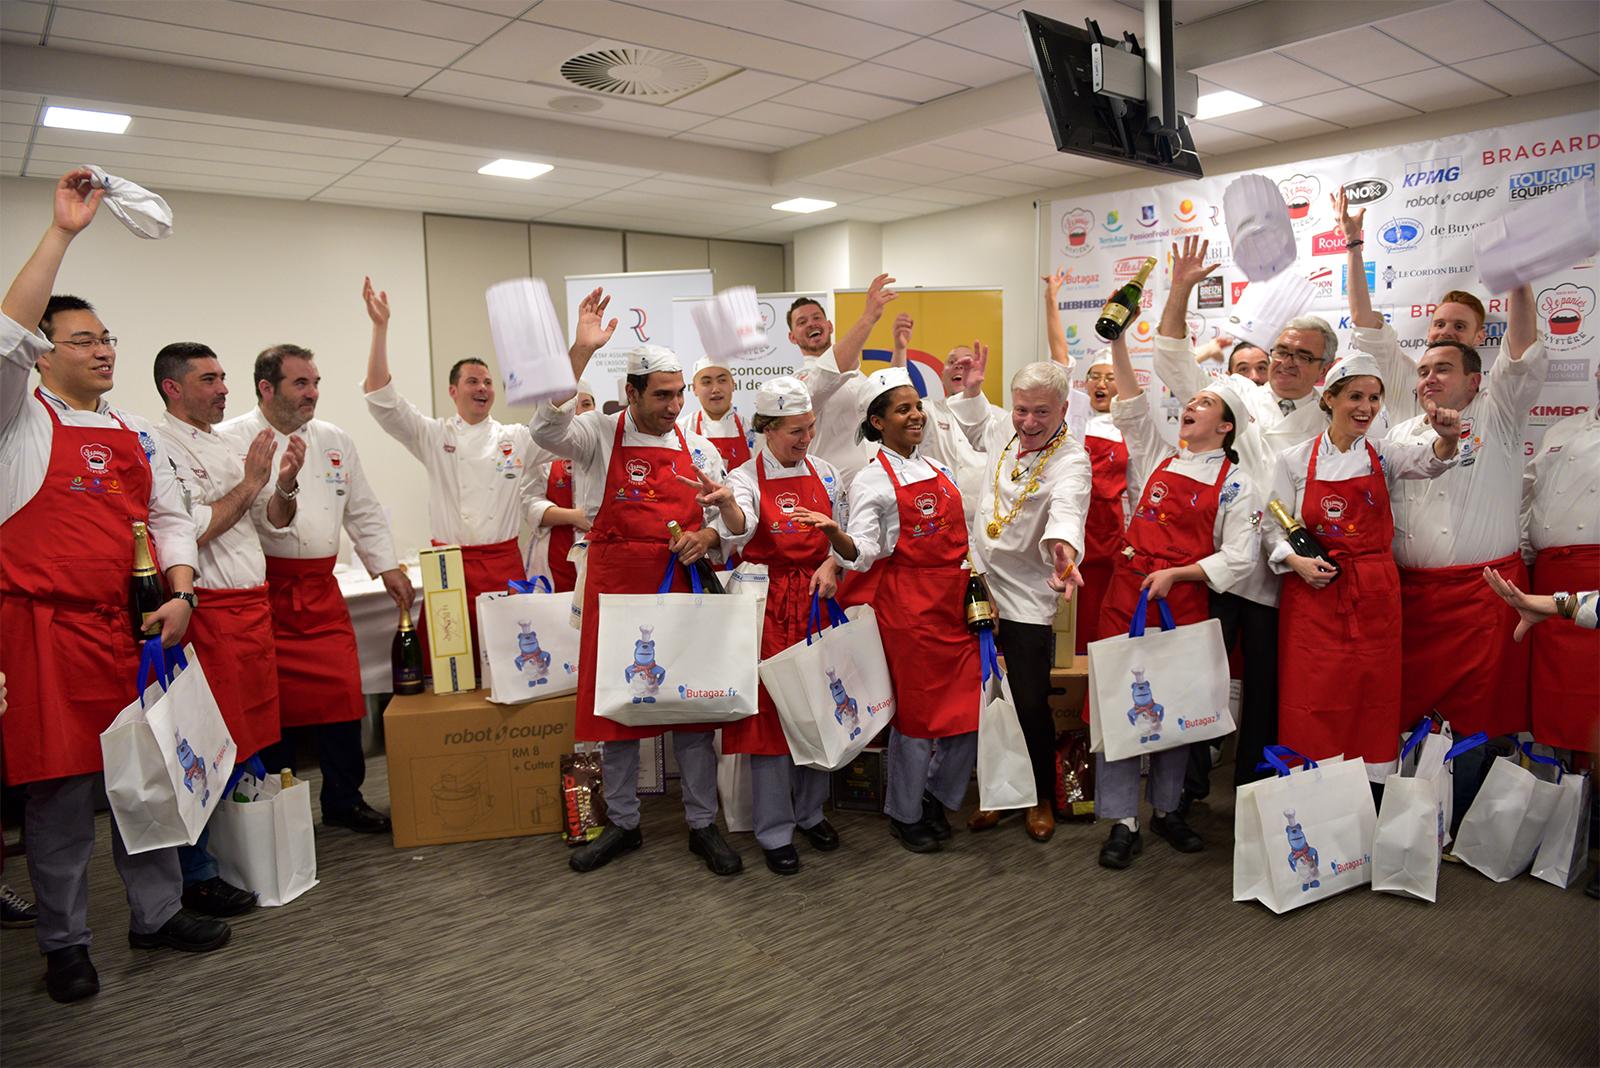 """3ème édition du Concours National Maîtres Restaurateurs  """"Le Panier Mystère"""" à Institut Le Cordon Bleu Paris remporté par Arnaud Bloquel - L'Orchidea à St François (97)"""